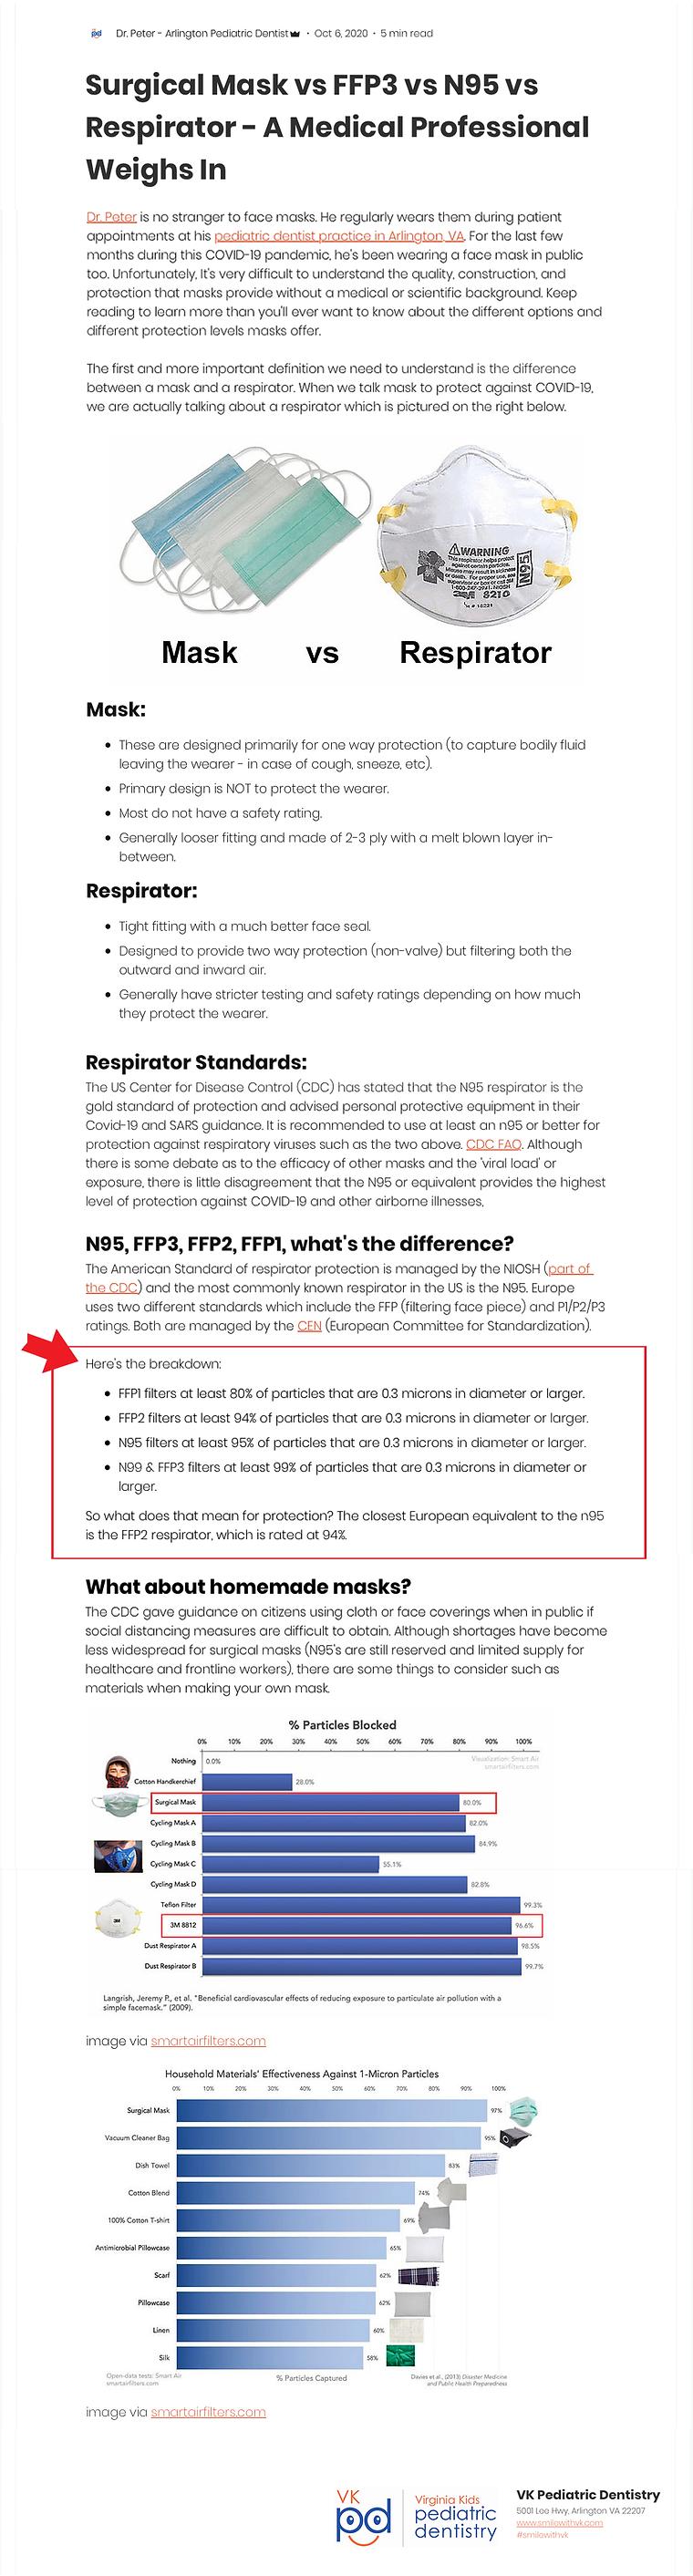 Surgical vs FFP3 vs N95 vs Respirator.pn